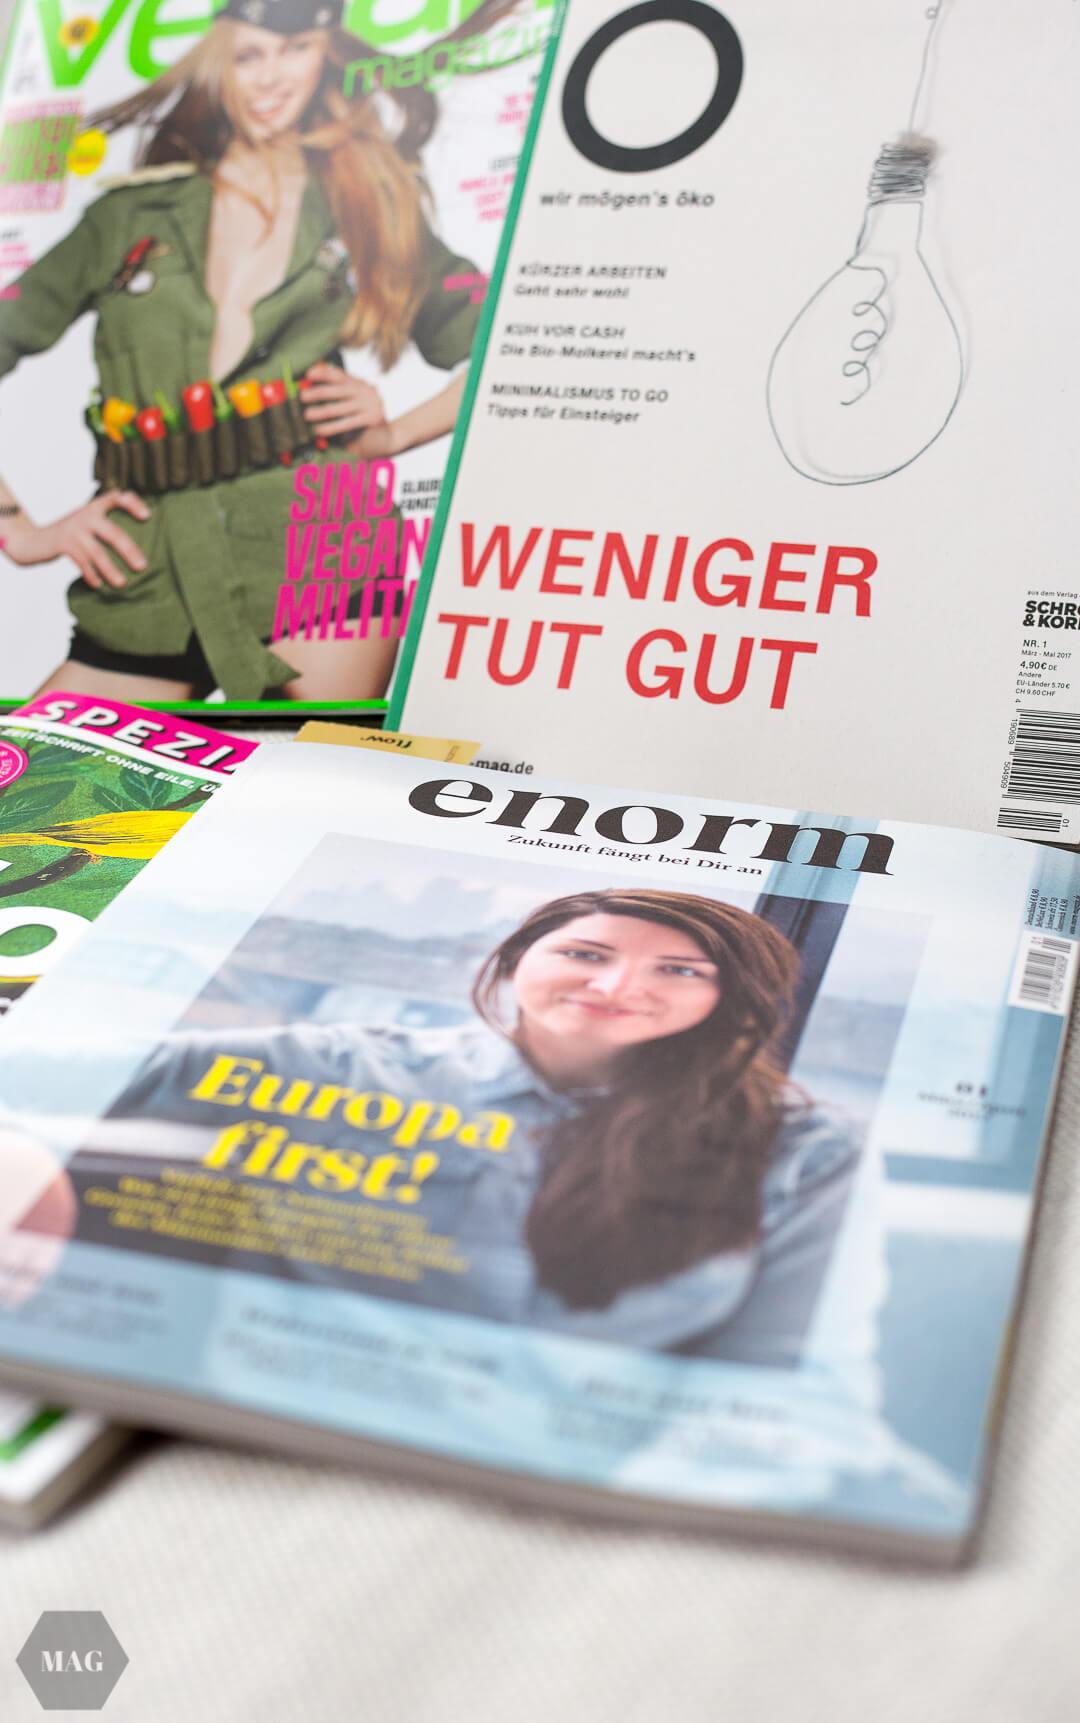 grüne magazine, nachhaltige magazine, ö magazin, ö wir mögens öko, fluter, flow magazin, veganmagazin, veganes magazin, nachhaltige magazine, nachhaltige leseinspiration, nachhaltiges lesen, magazinfavoriten nachhaltig, welche magazine nachhaltig, grüne magazine kaufen